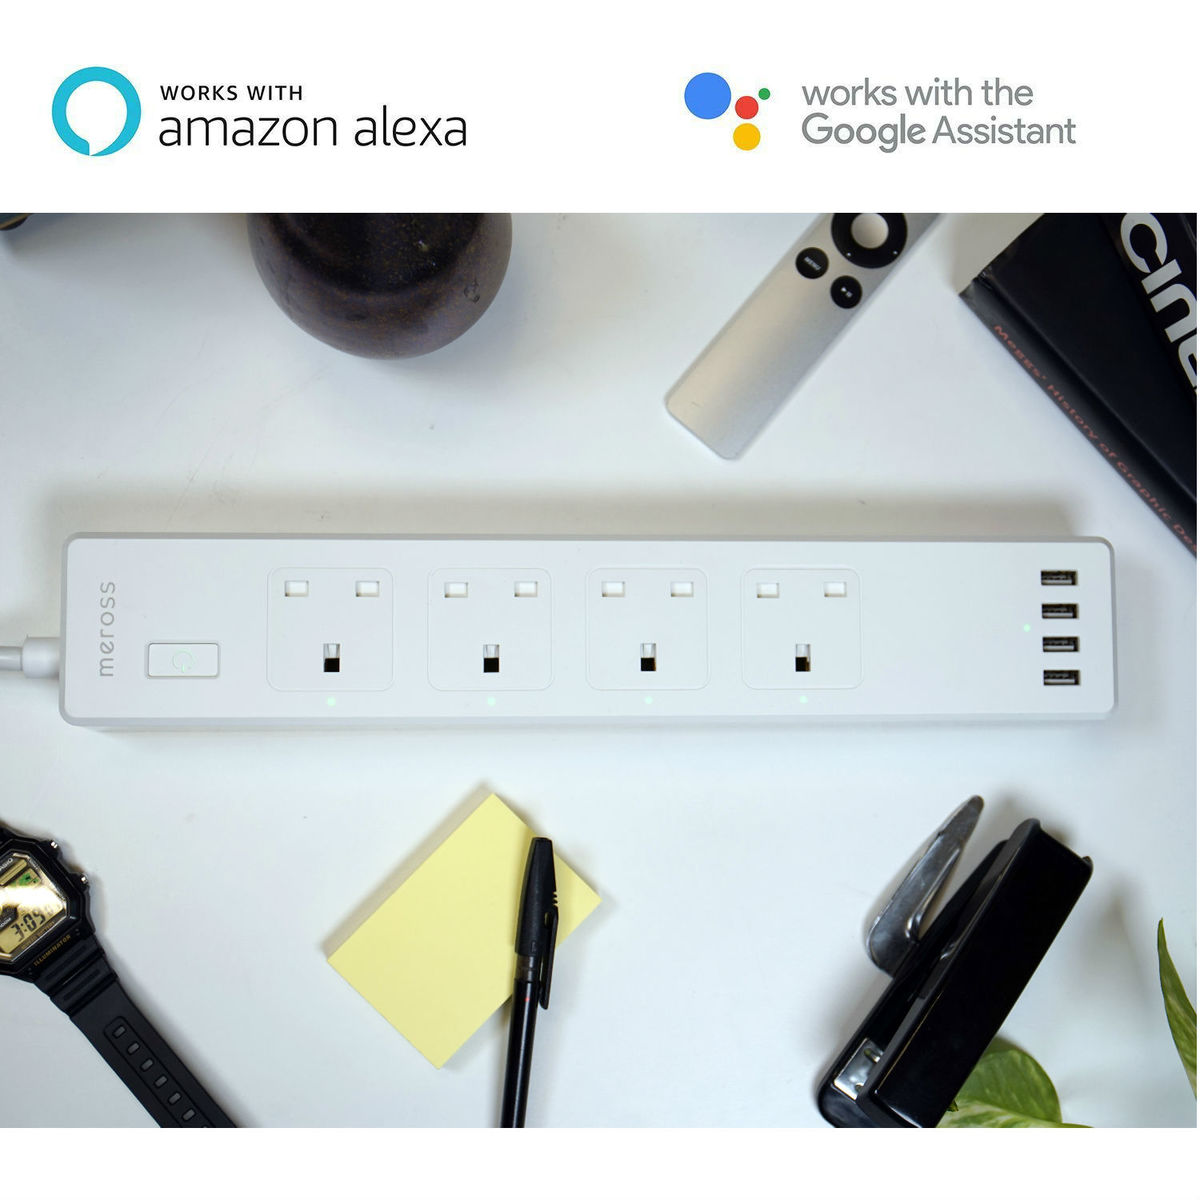 智能家居 — WiFi 智能定時遙控拖板 alexa google 語音控制 4插座 適合家長使用 ZLD-44UK-W